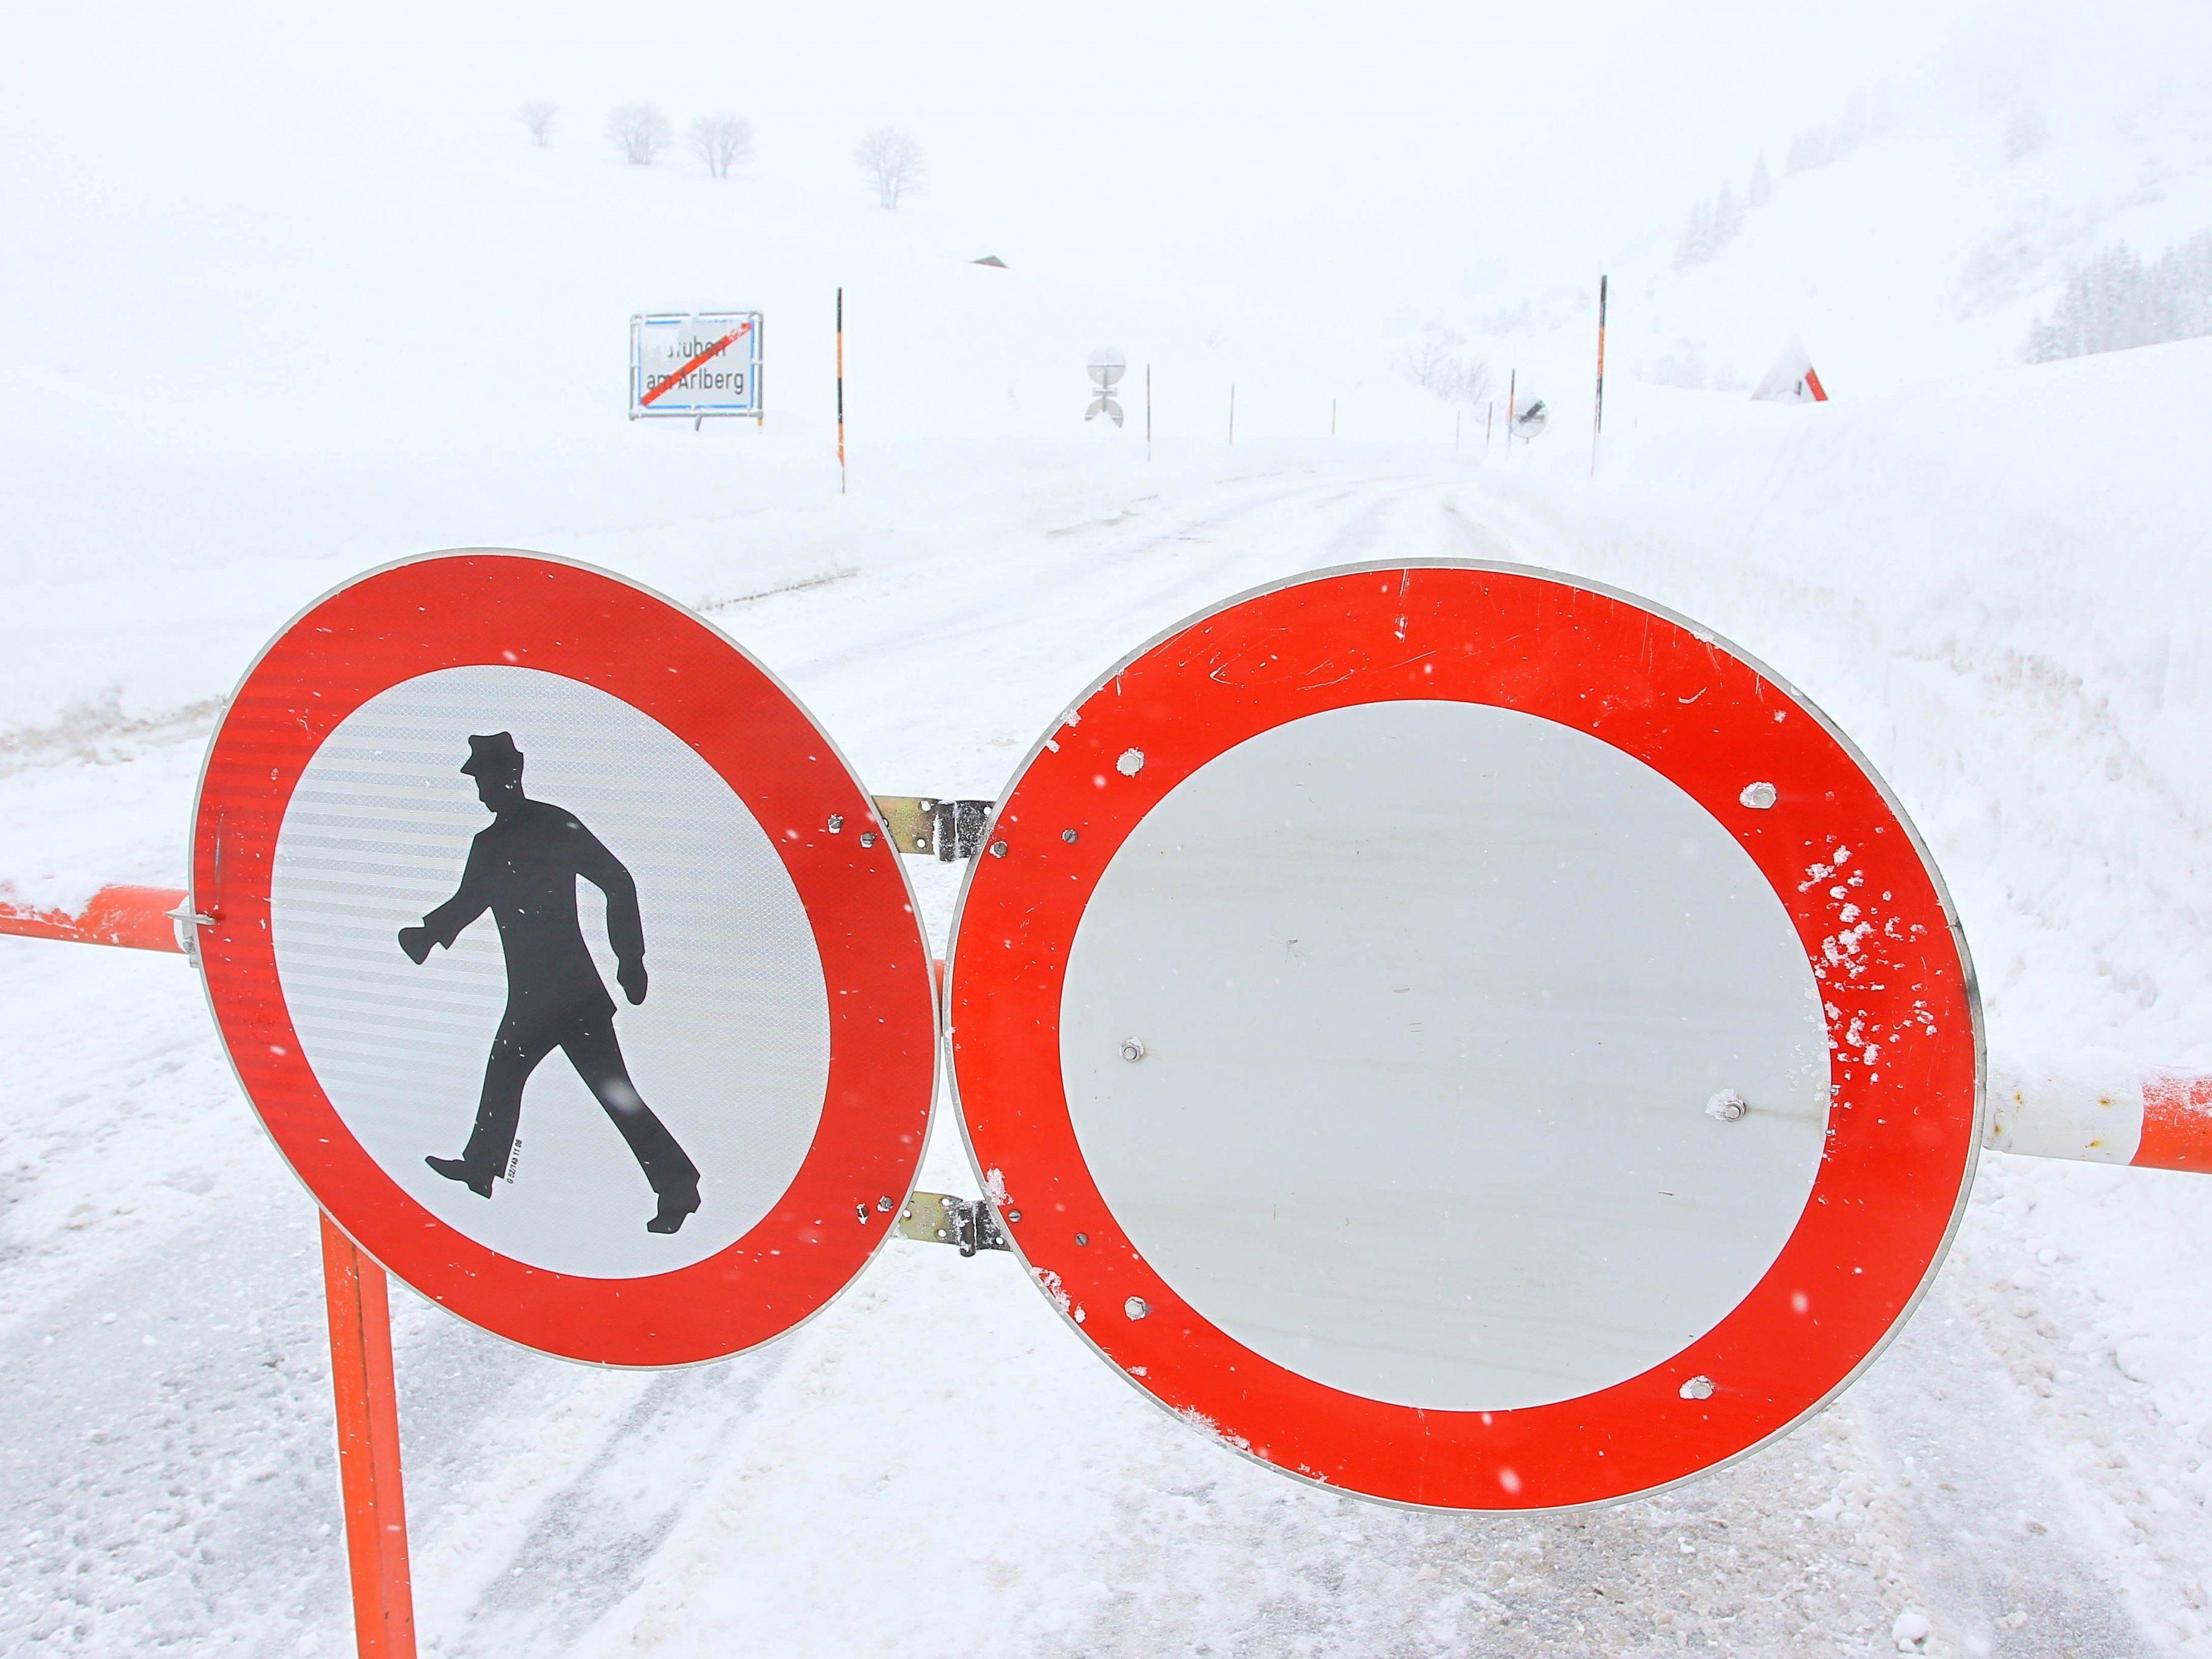 Wintersperren, wie hier bei Stuben am Arlberg, sind in Vorarlberg keine Seltenheit.